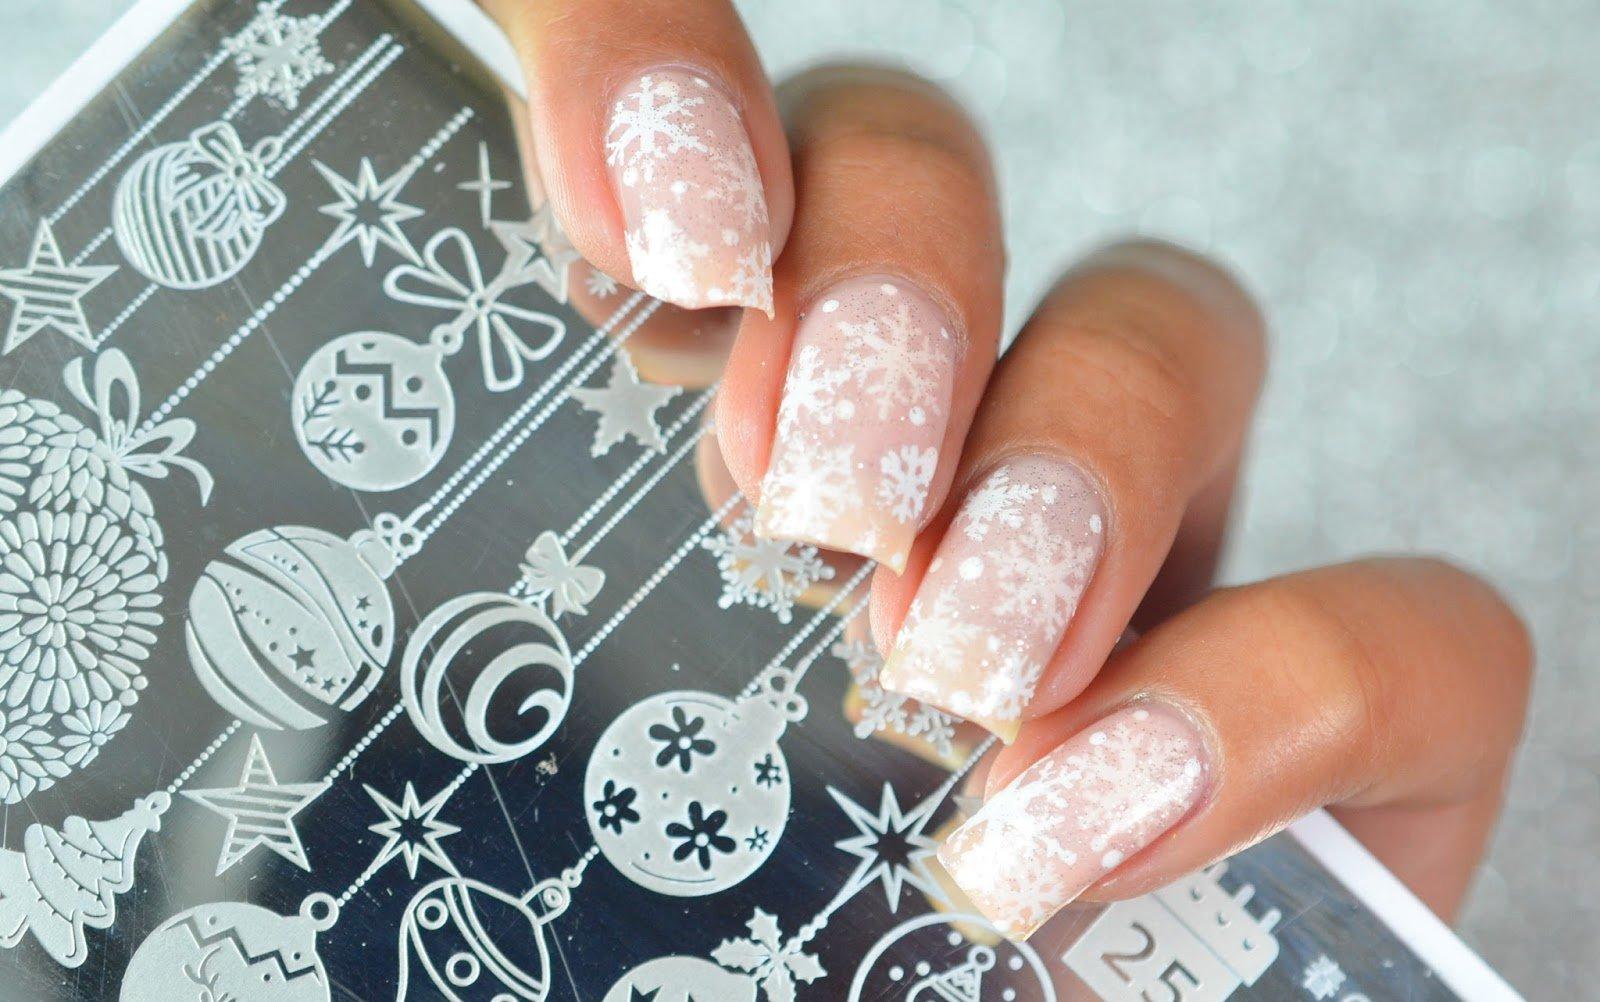 Genial Weihnachts Nägel Rot Foto Von Bilder Diy Anleitung Für Weihnachtnägel Mit Schneeflocke